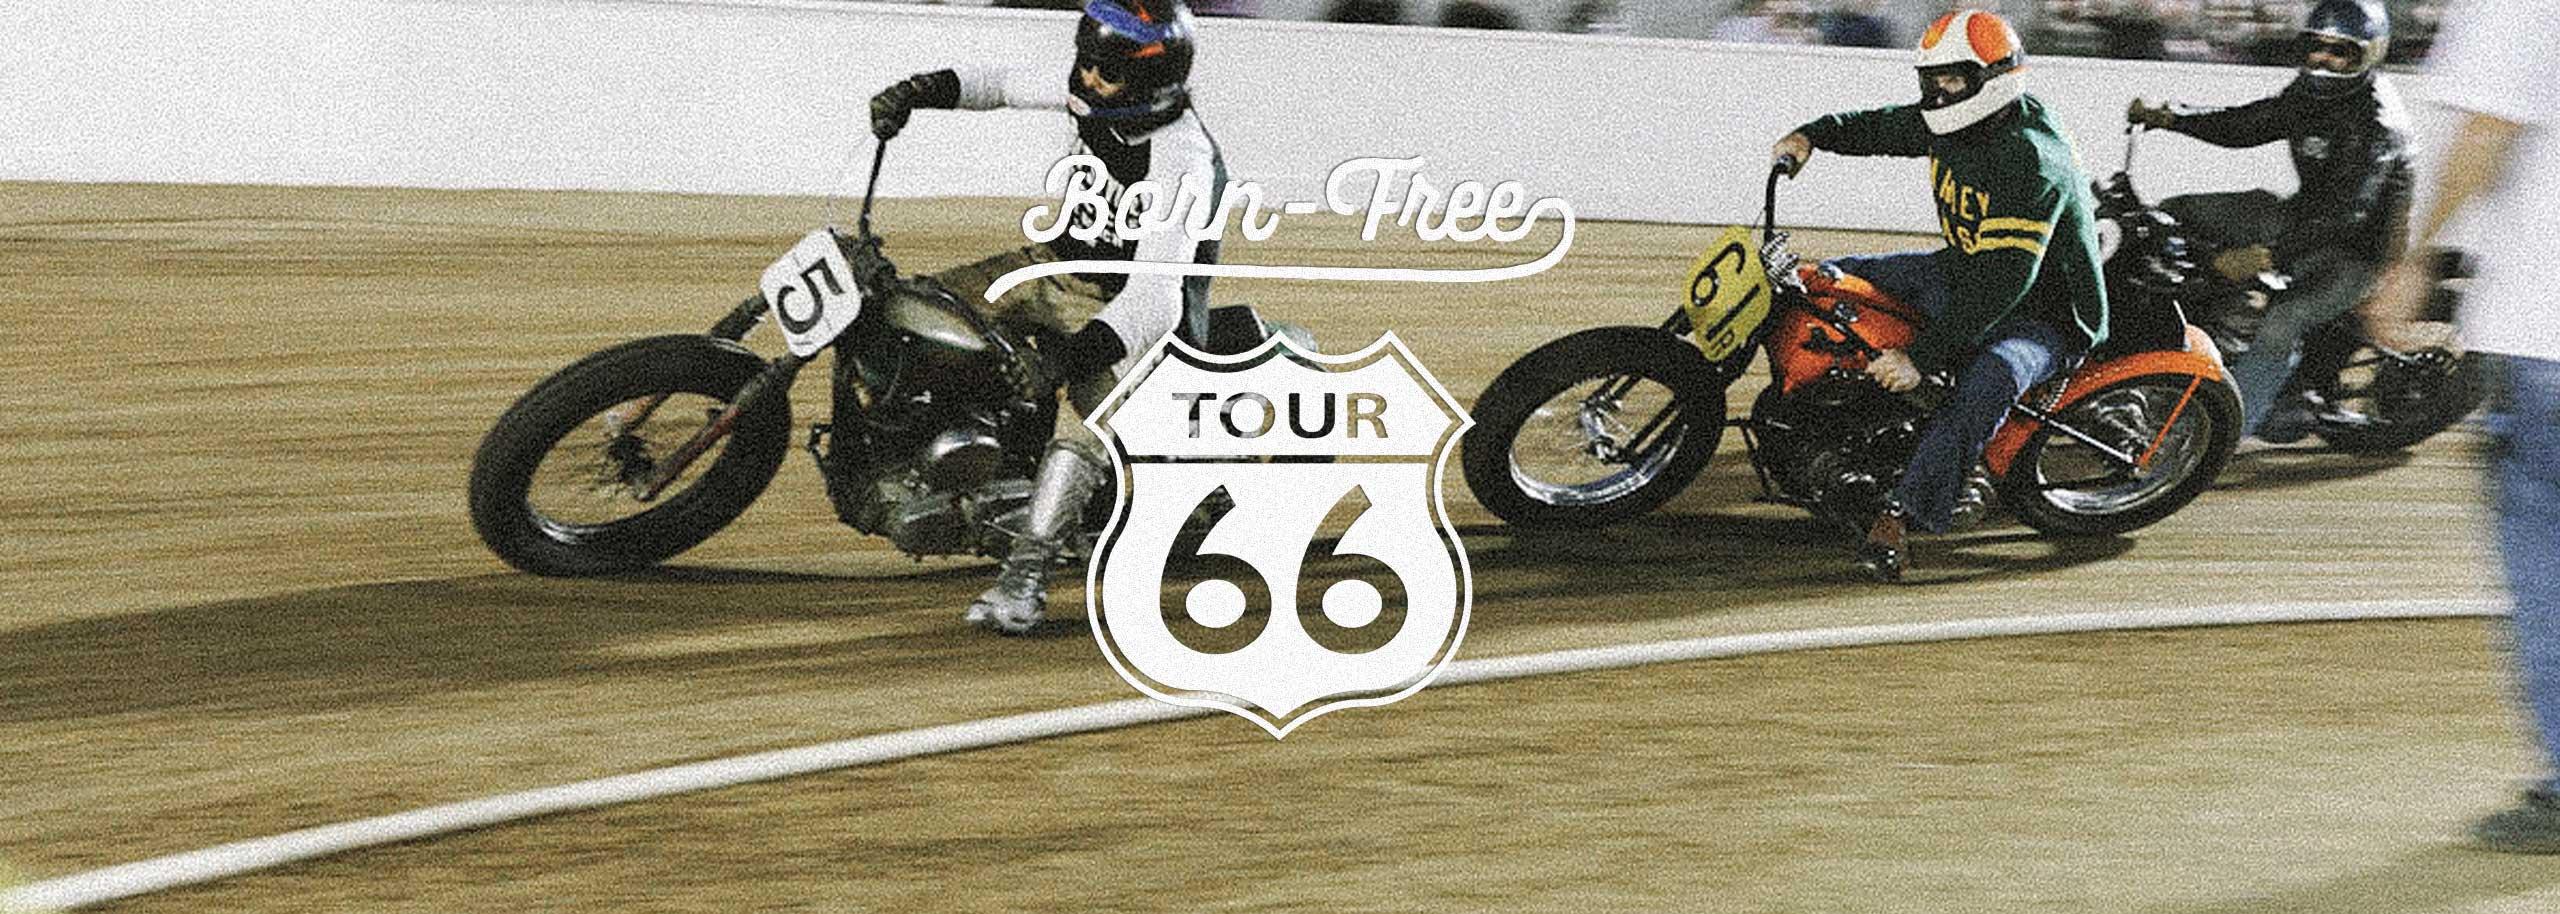 TITAN-Motorcycles-Cafe-Racer-Graz-Styria_Events-Born-Free-Tour-Motorradfahren-Harley-fahren-USA-Route-66-Tour